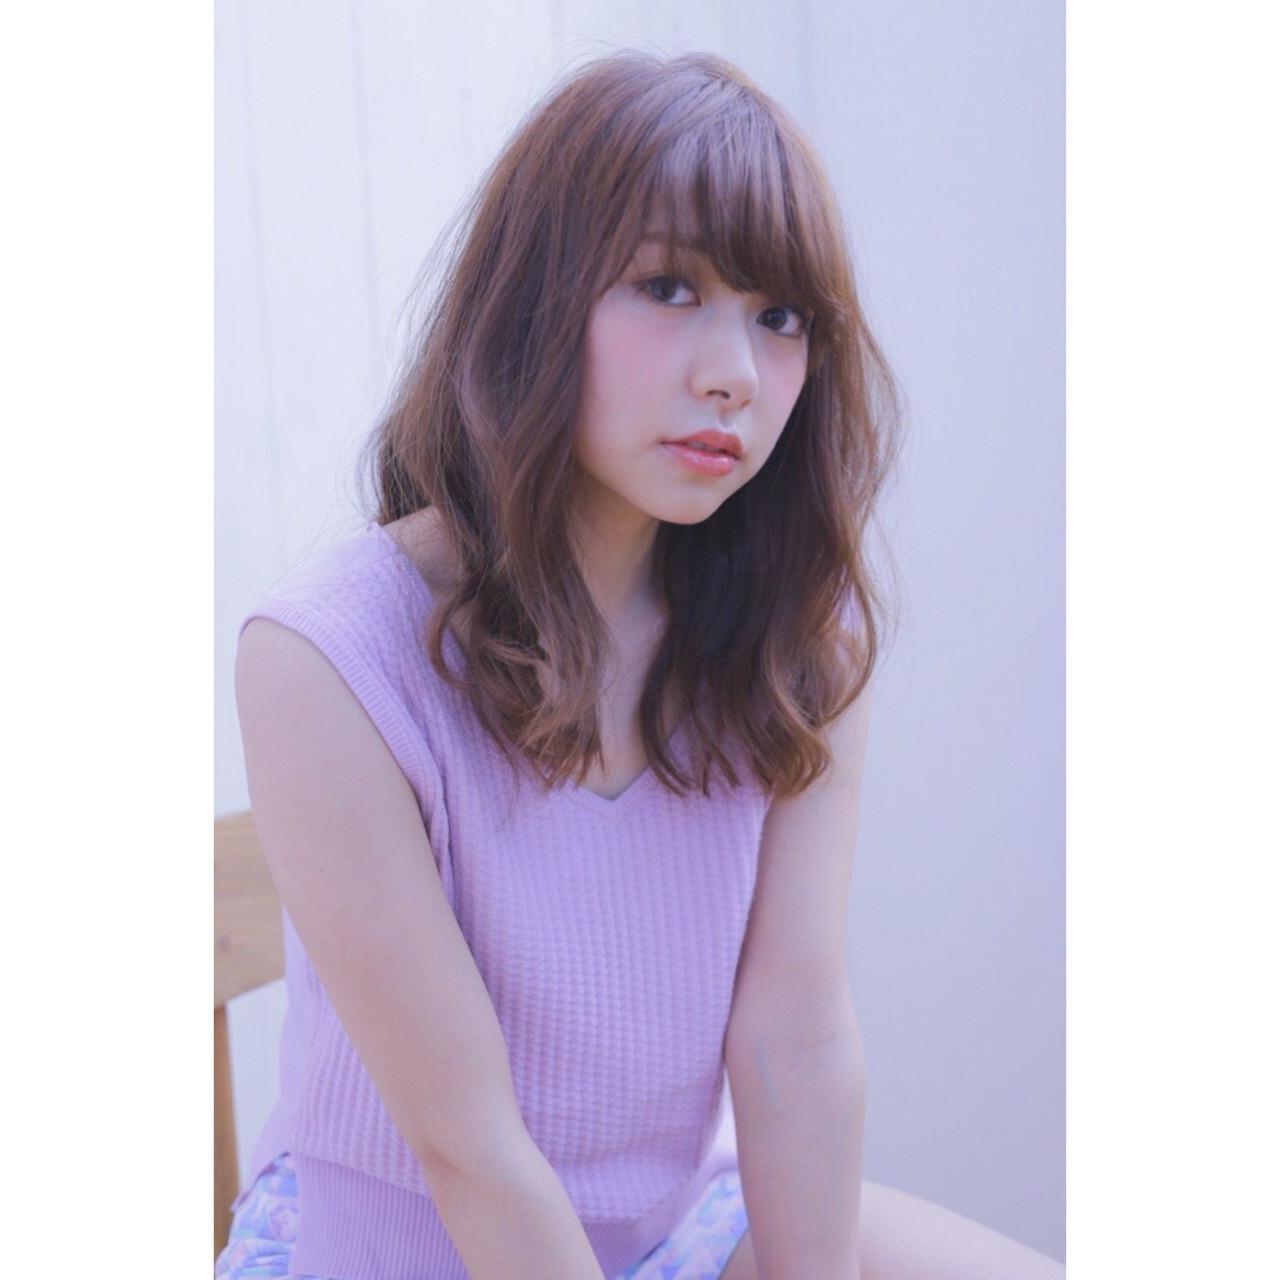 最新トレンドカラー「ピンクグレージュ」で透明感抜群の艶髪を手に入れる♡ ラスバン マモル